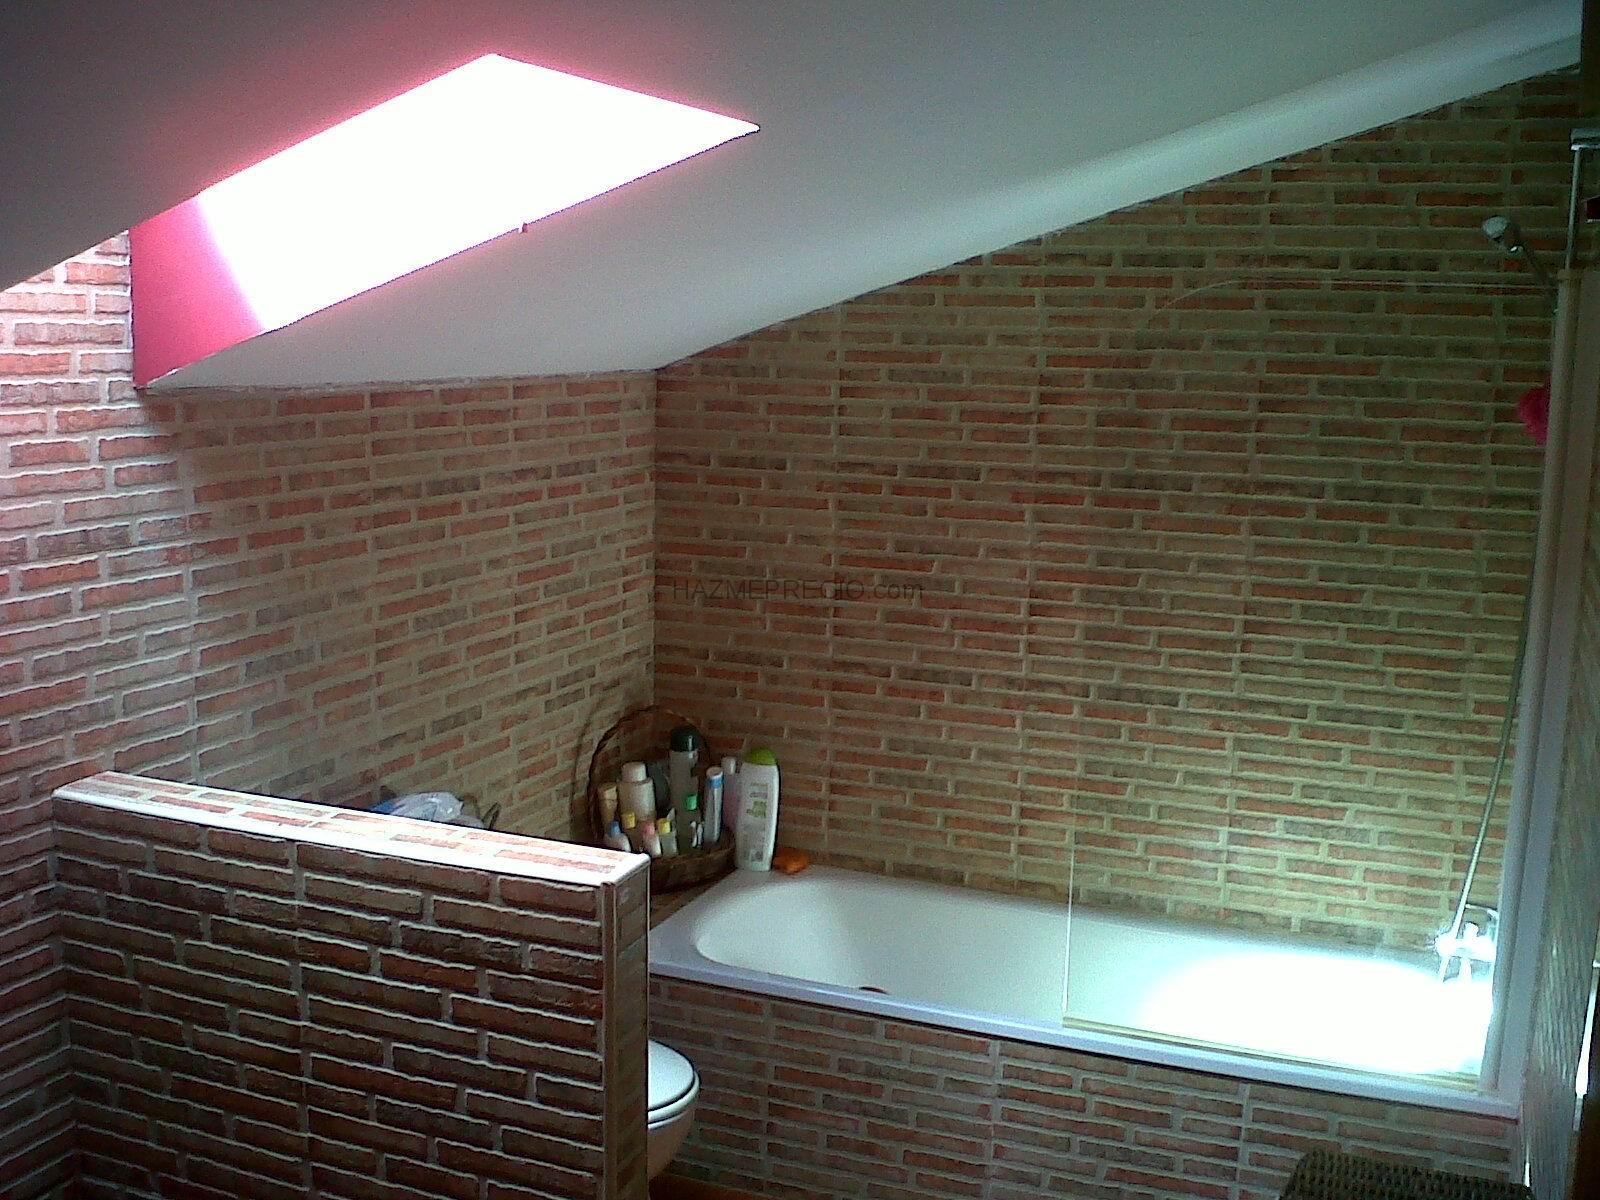 Instalacion Bidet Baño:Instalacion de nuevo alicatado y sanitarios en cuarto de baño